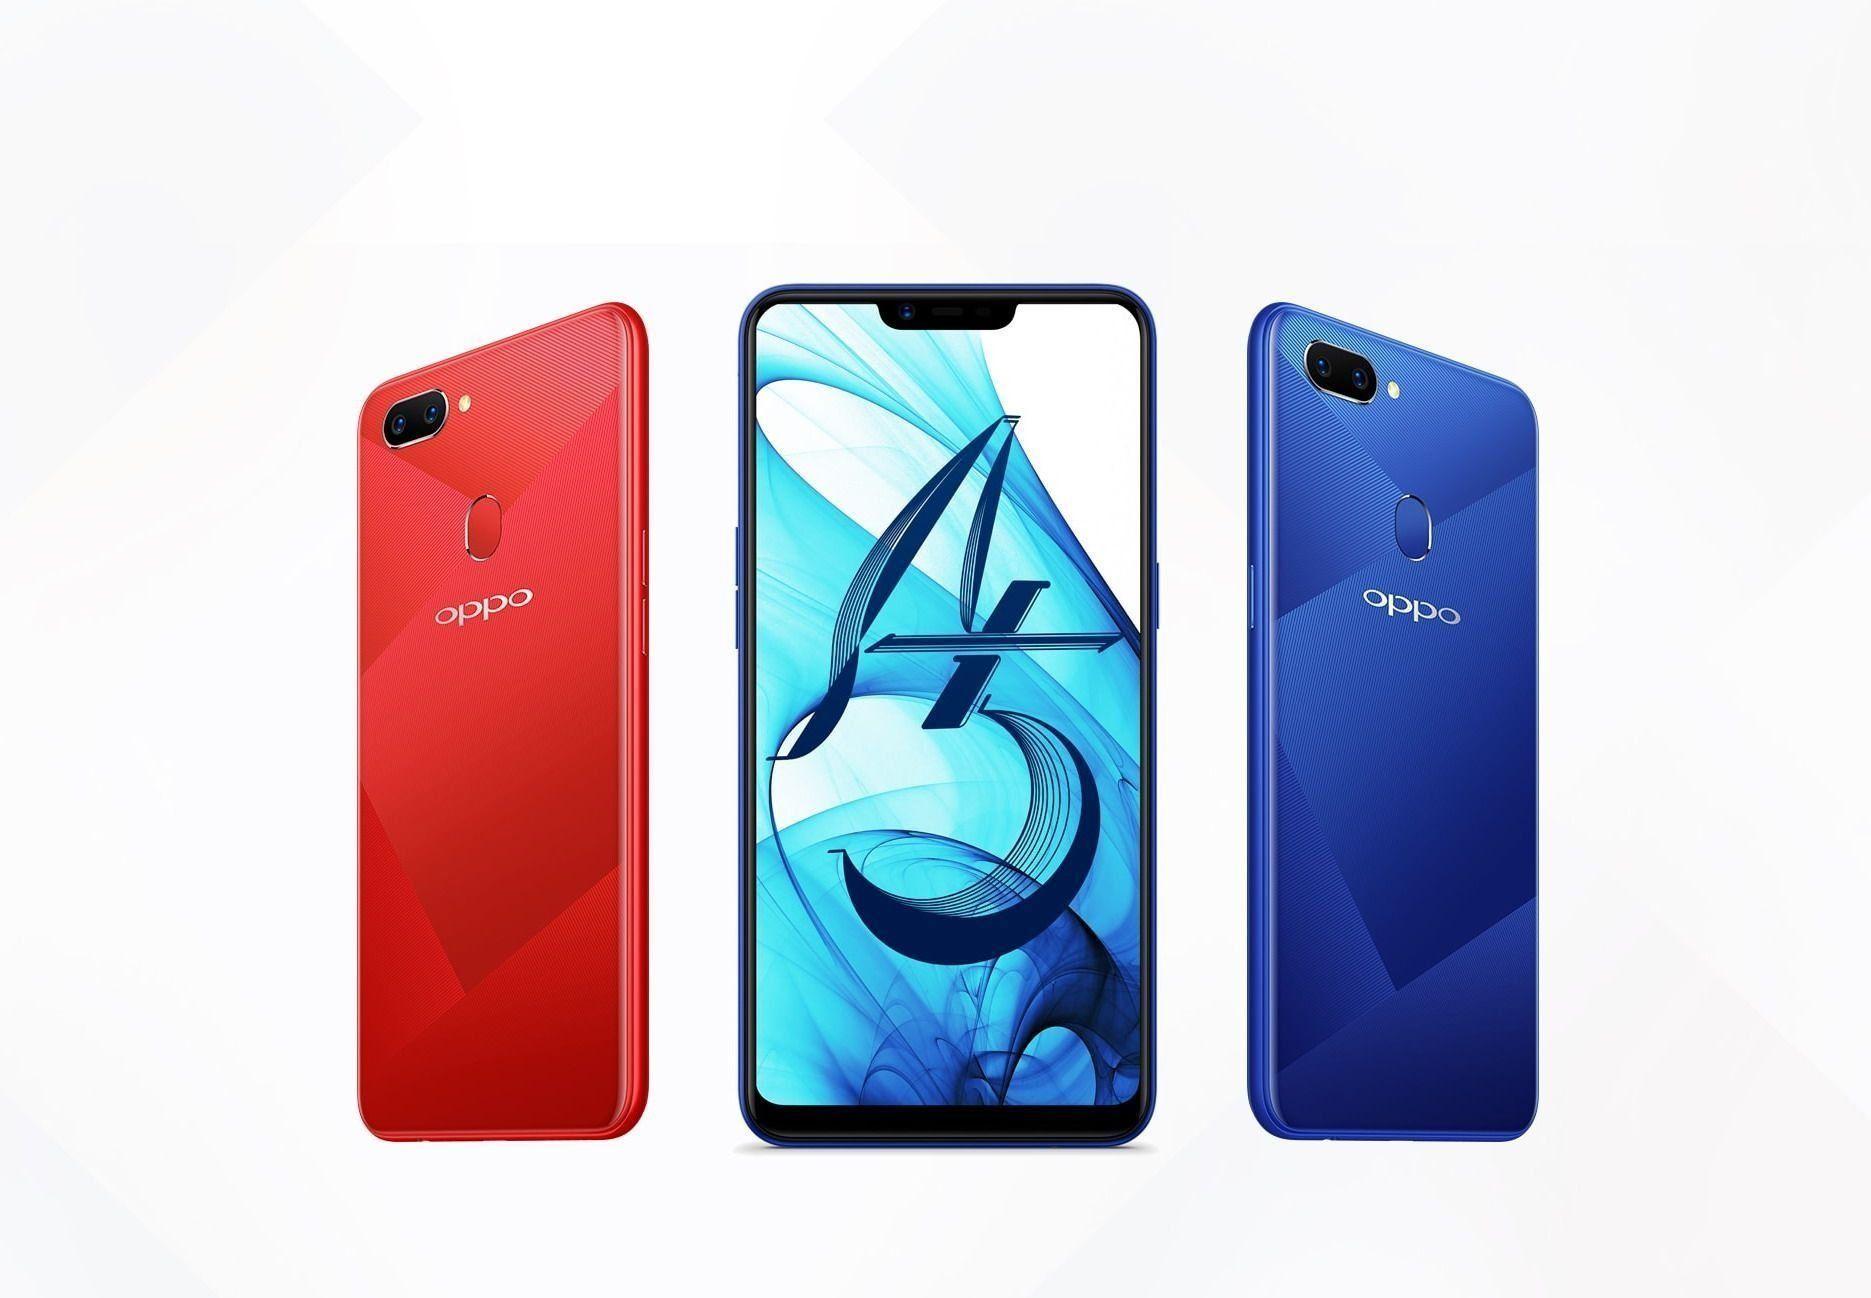 Смартфон Oppo A5 4/32 Gb — достоинства и недостатки